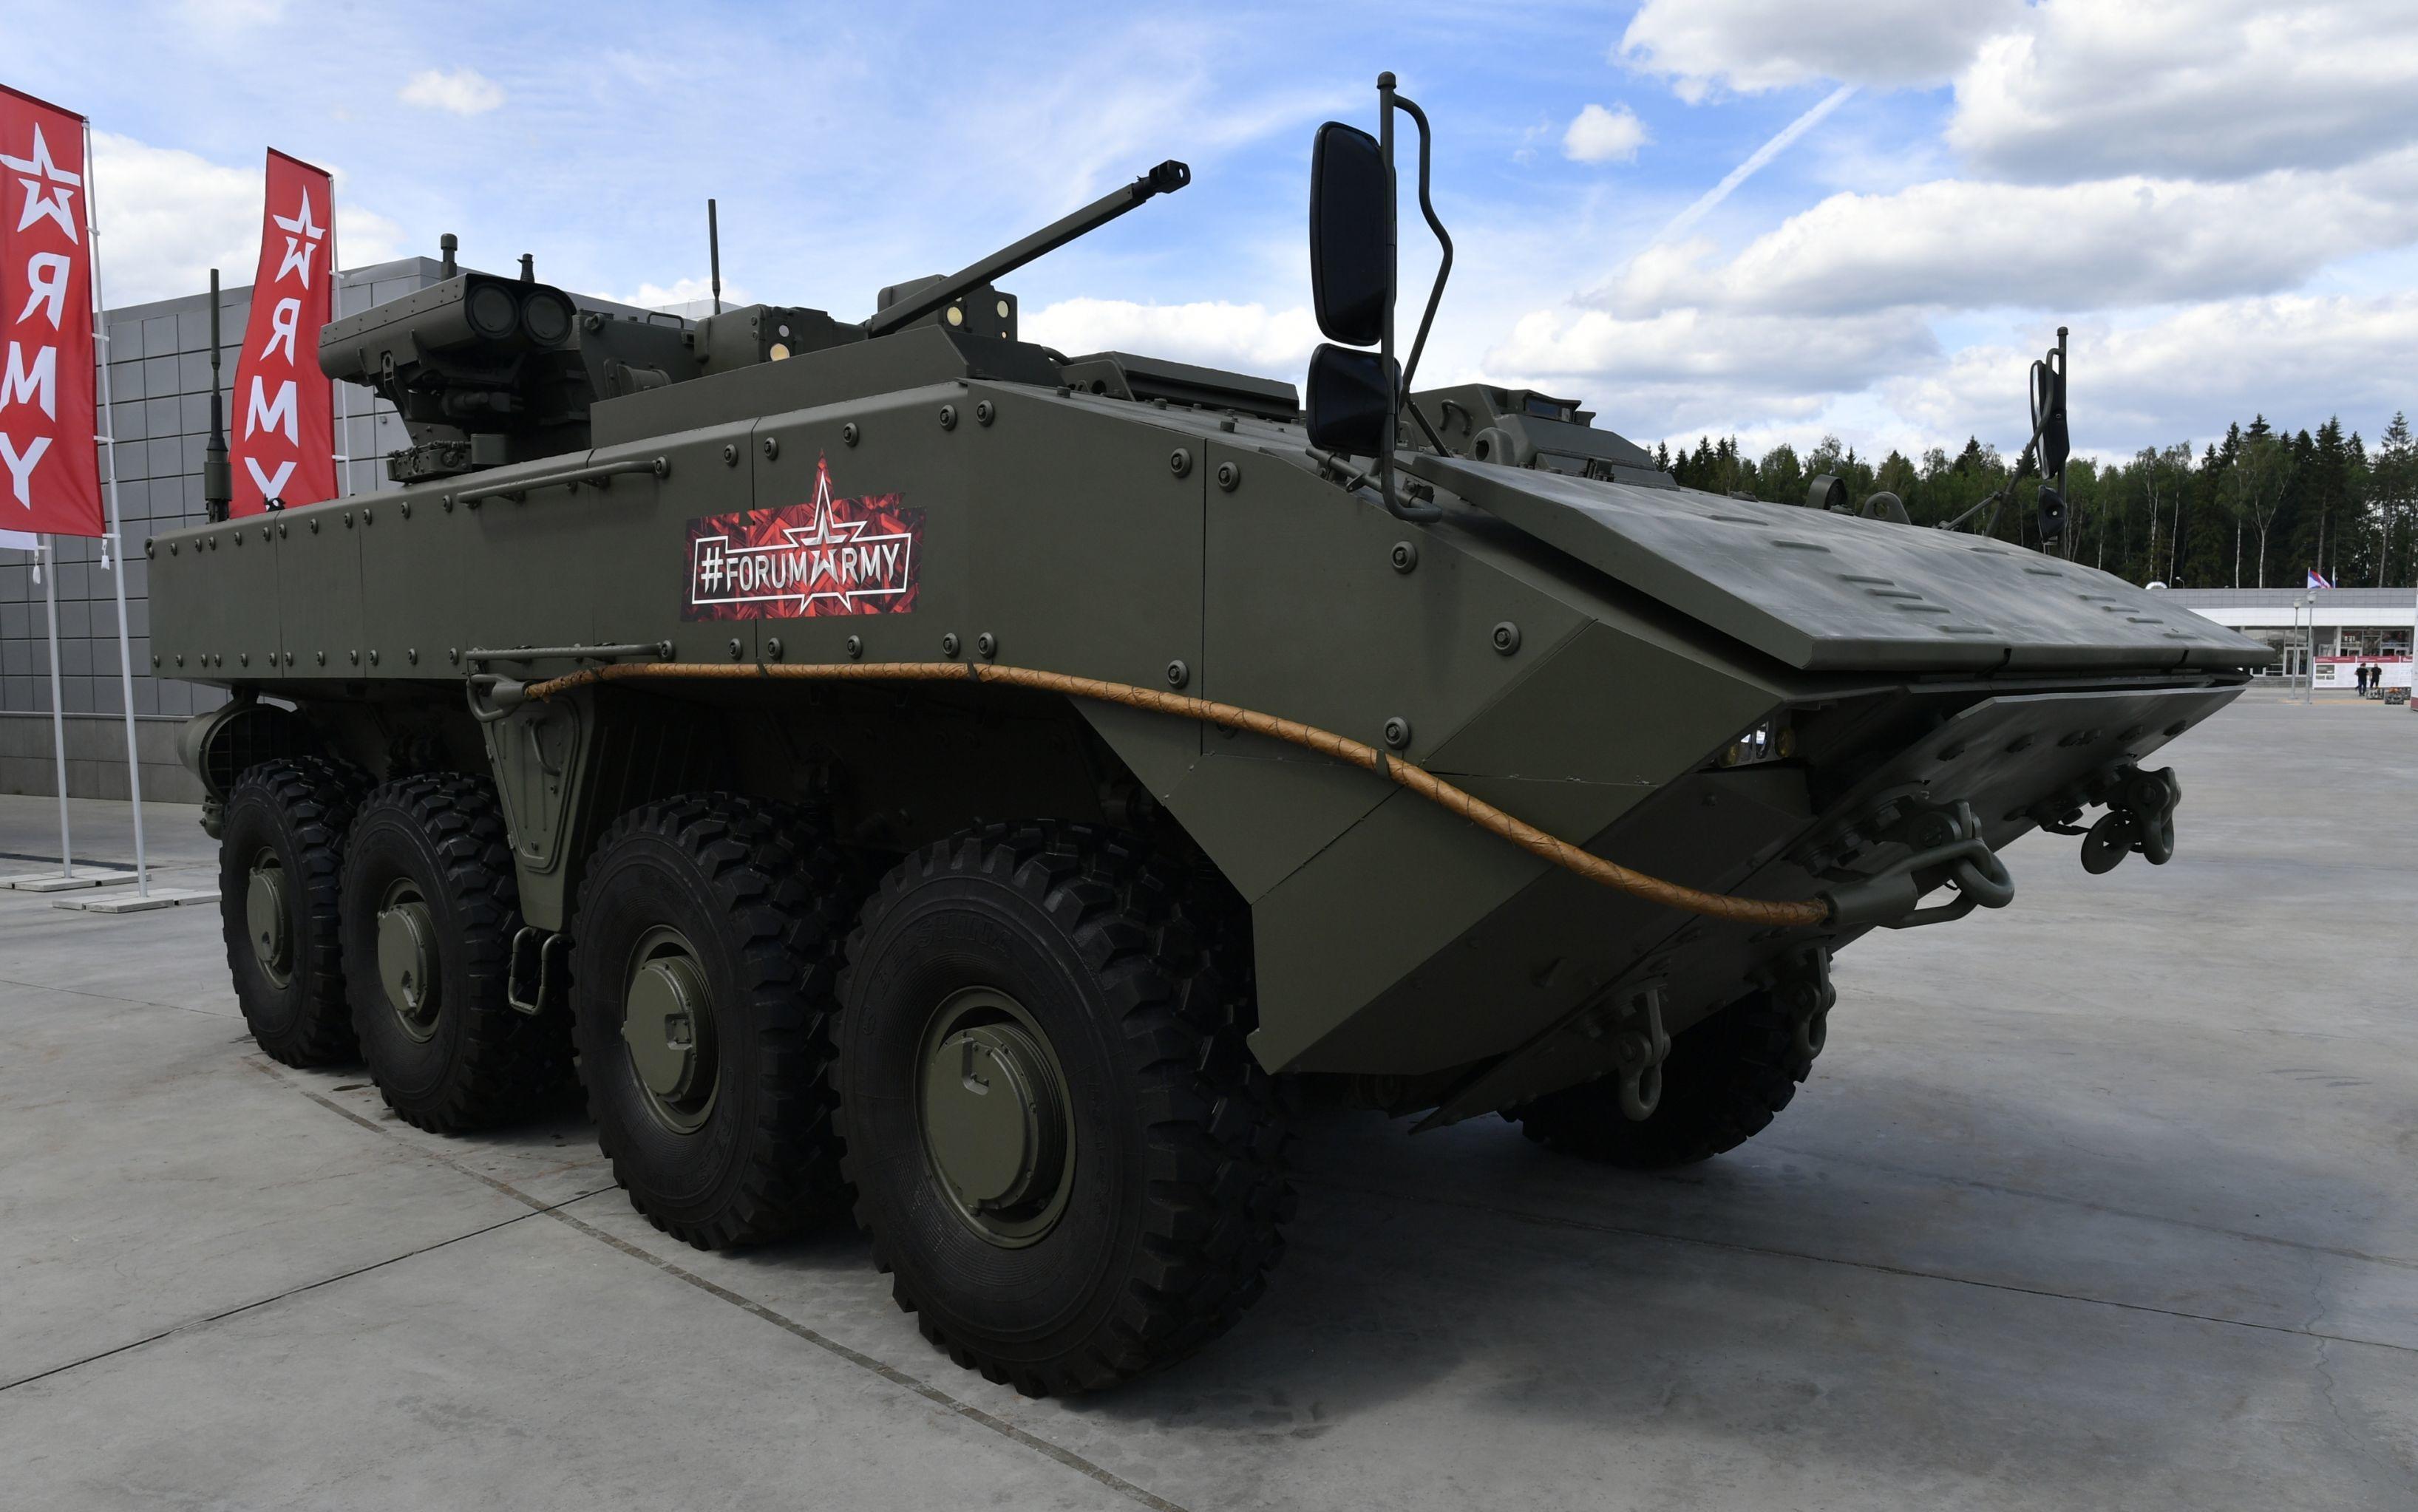 Veículo blindado Bumerang exposto no fórum militar EXÉRCITO 2019